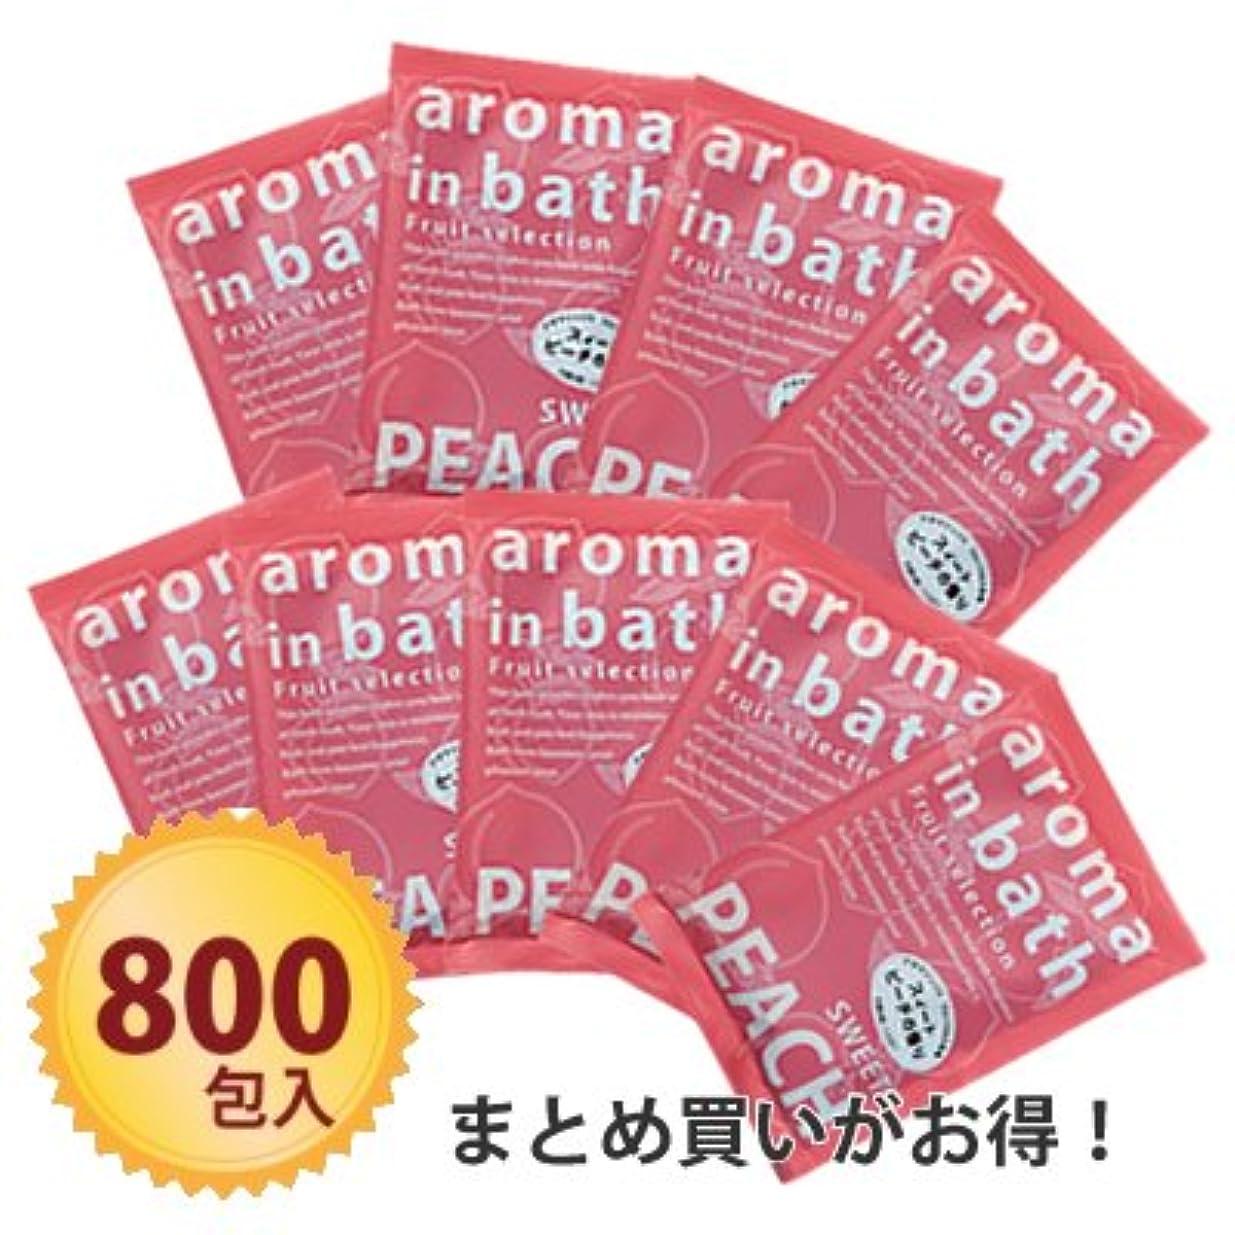 ヘルシー激しい広告粉体入浴料 アロマインバス25g スイートピーチ ×800個